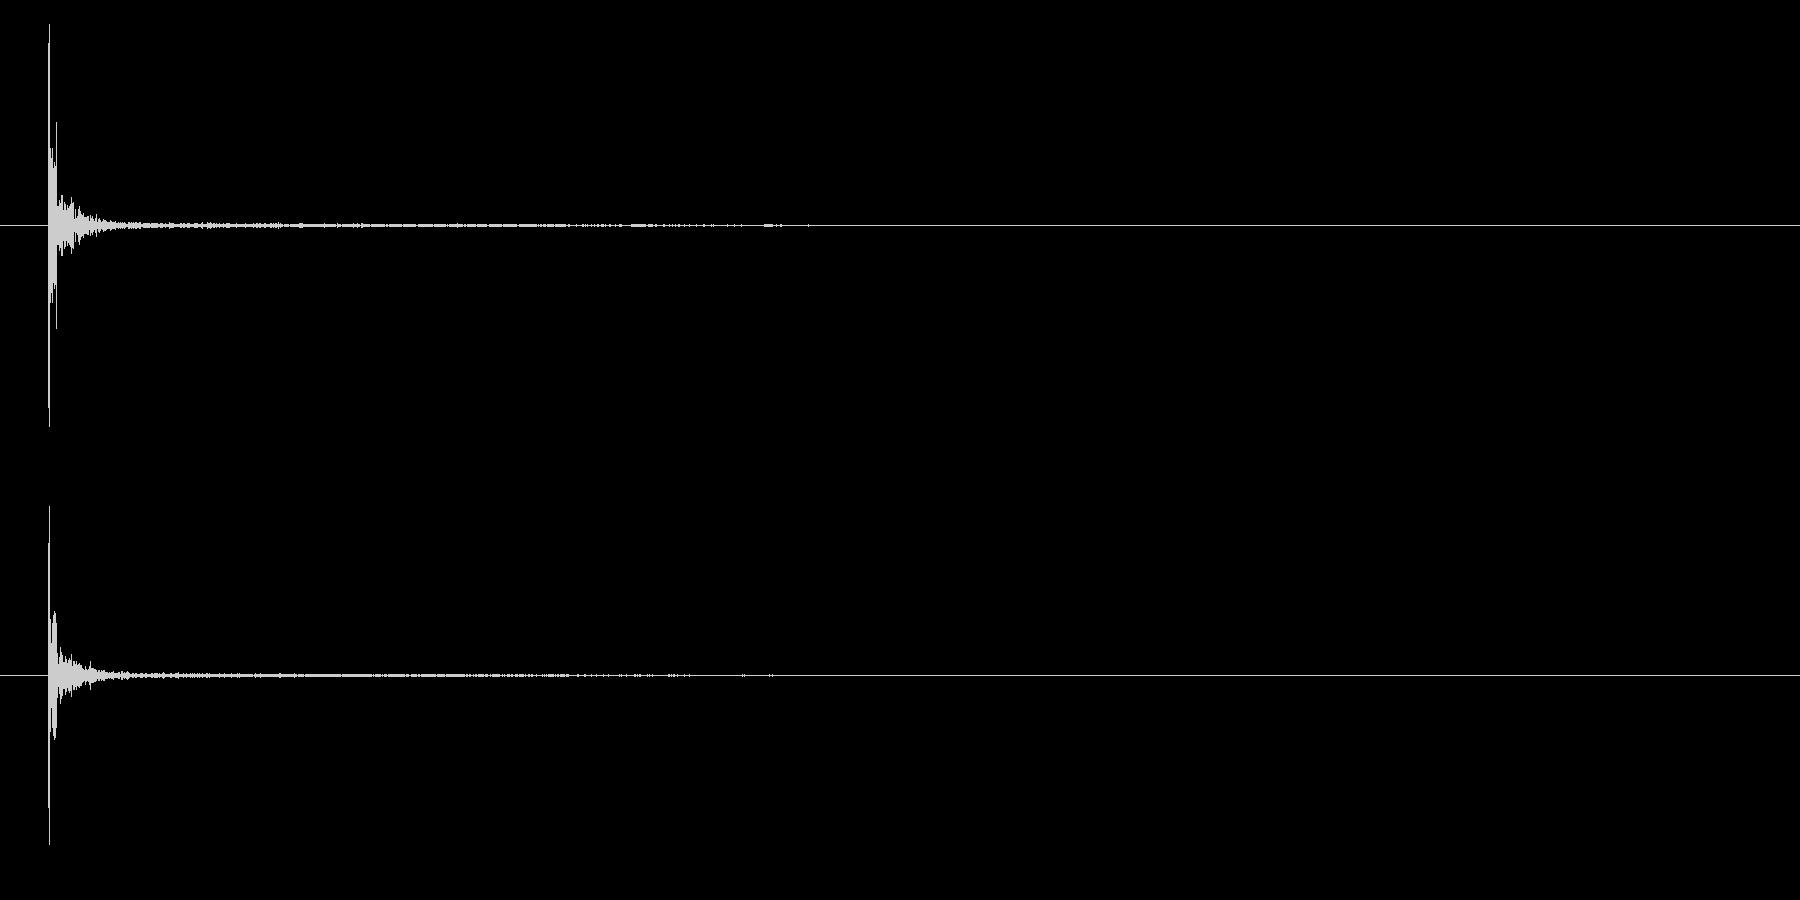 和太鼓の桶胴おけどう枠打ち単発音+Fxの未再生の波形